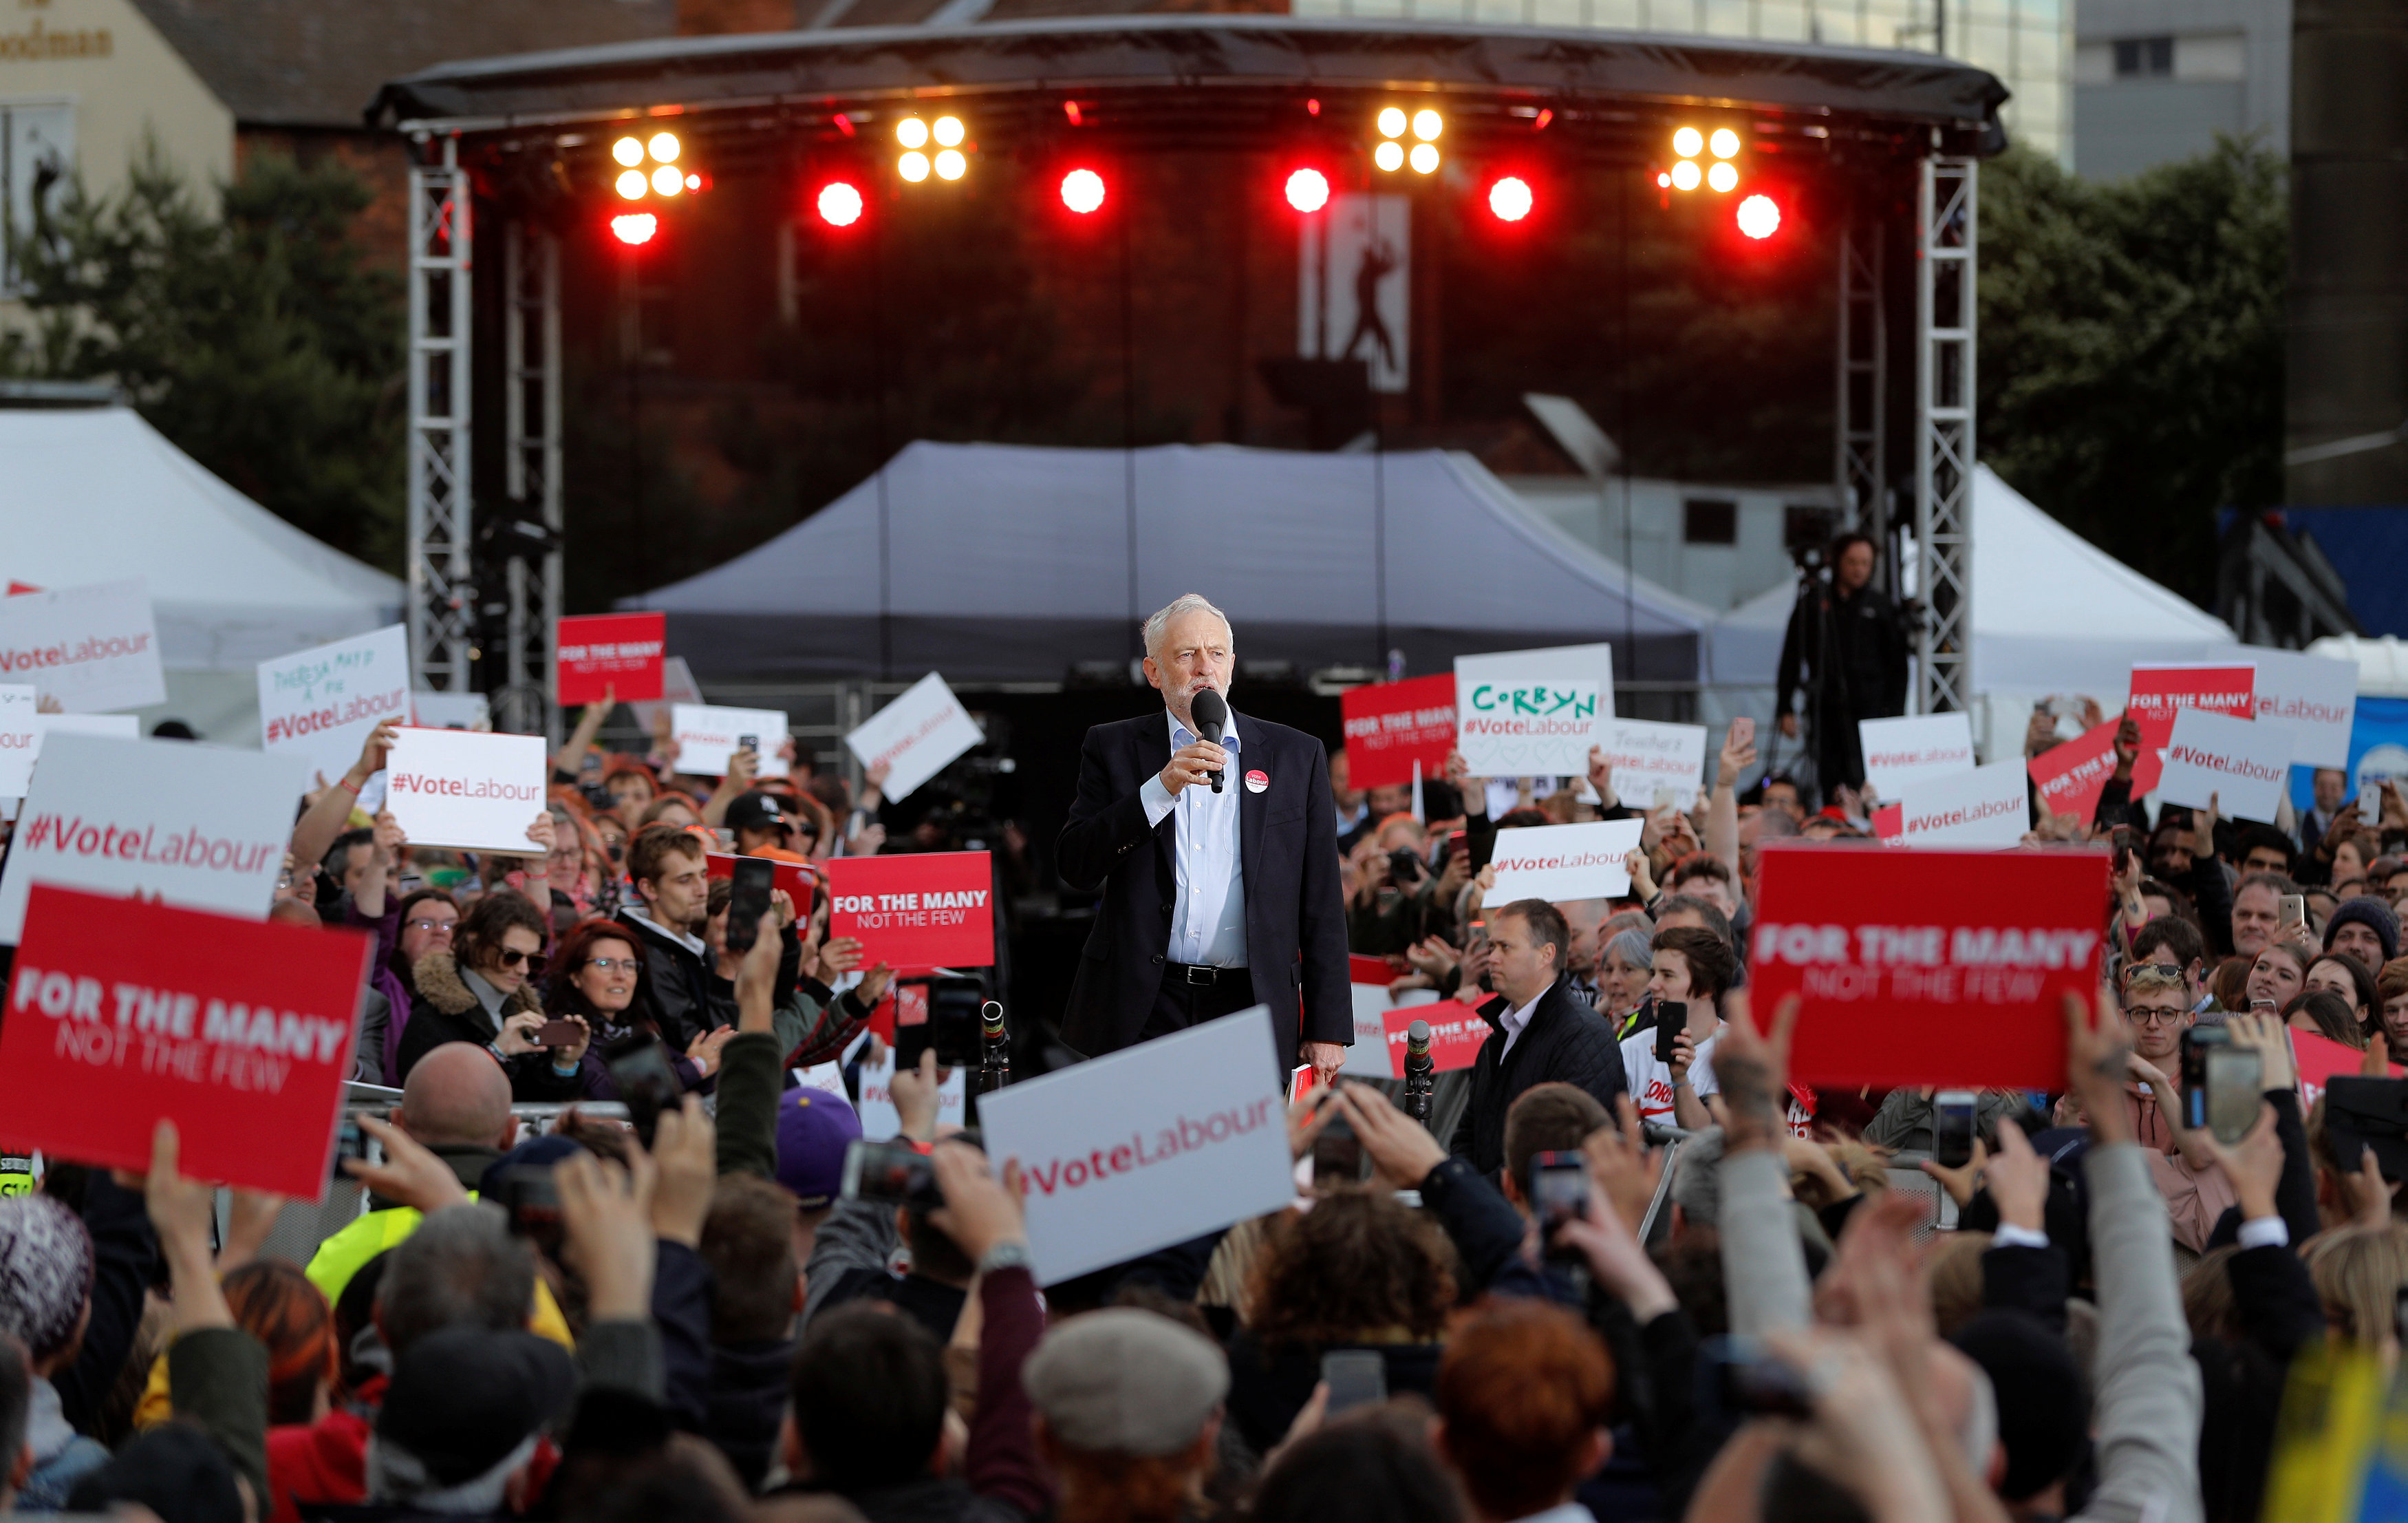 جيريمي كوربين زعيم حزب العمل المعارض يتحدث إلى مؤيديه